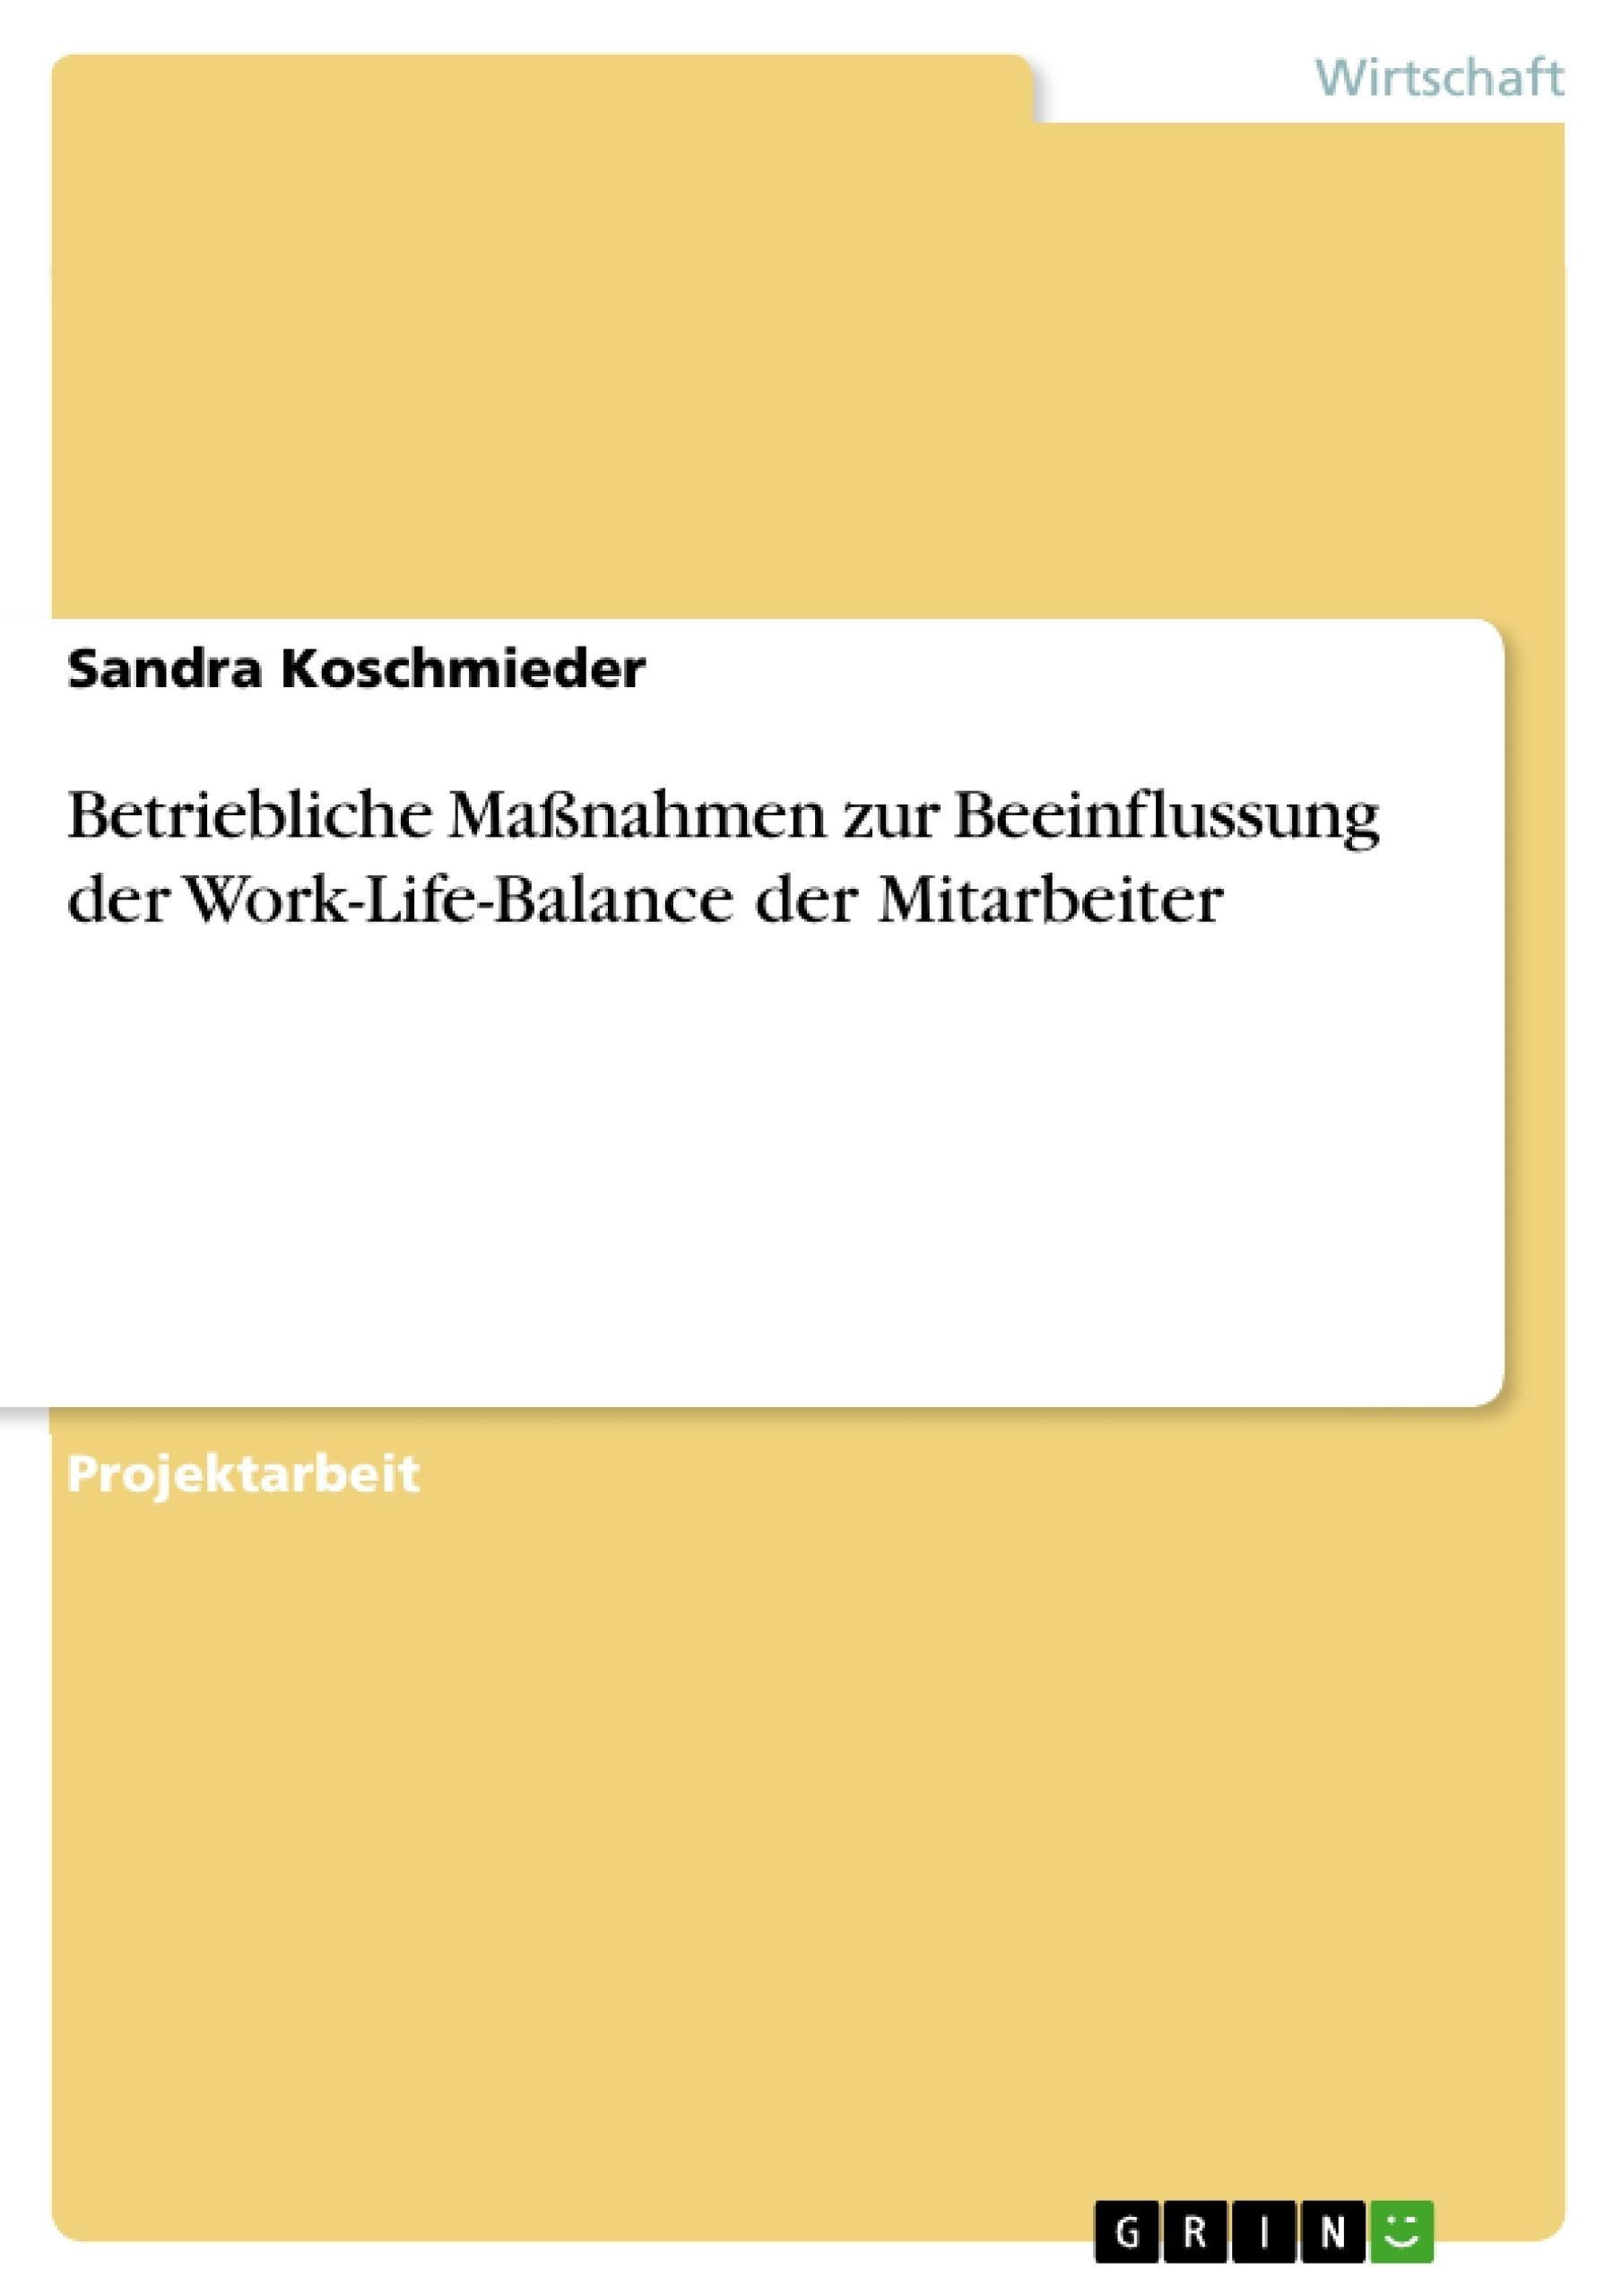 Titel: Betriebliche Maßnahmen zur Beeinflussung der Work-Life-Balance der Mitarbeiter